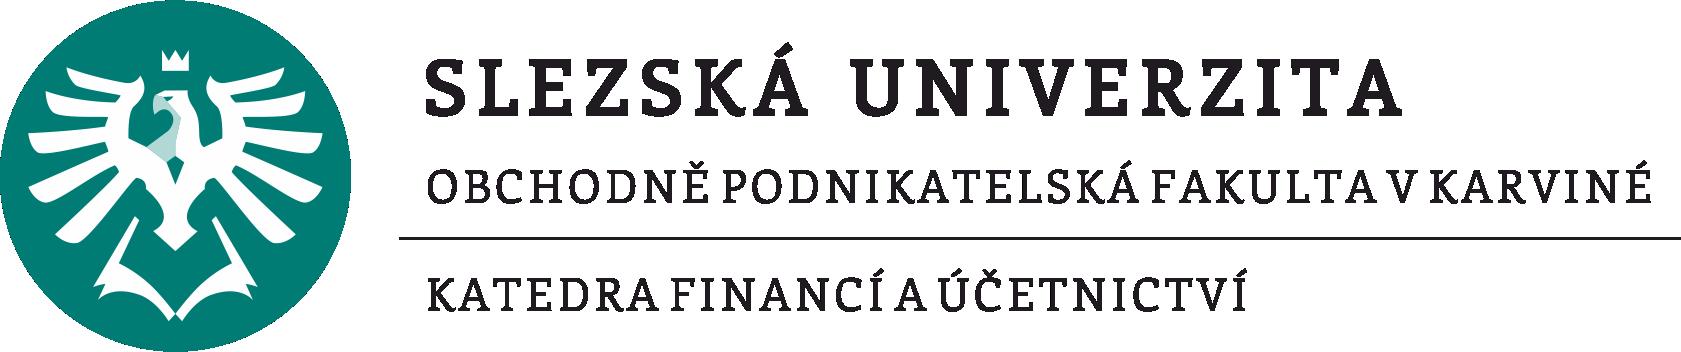 Katedra financí a účetnictví OPF SU Karviná